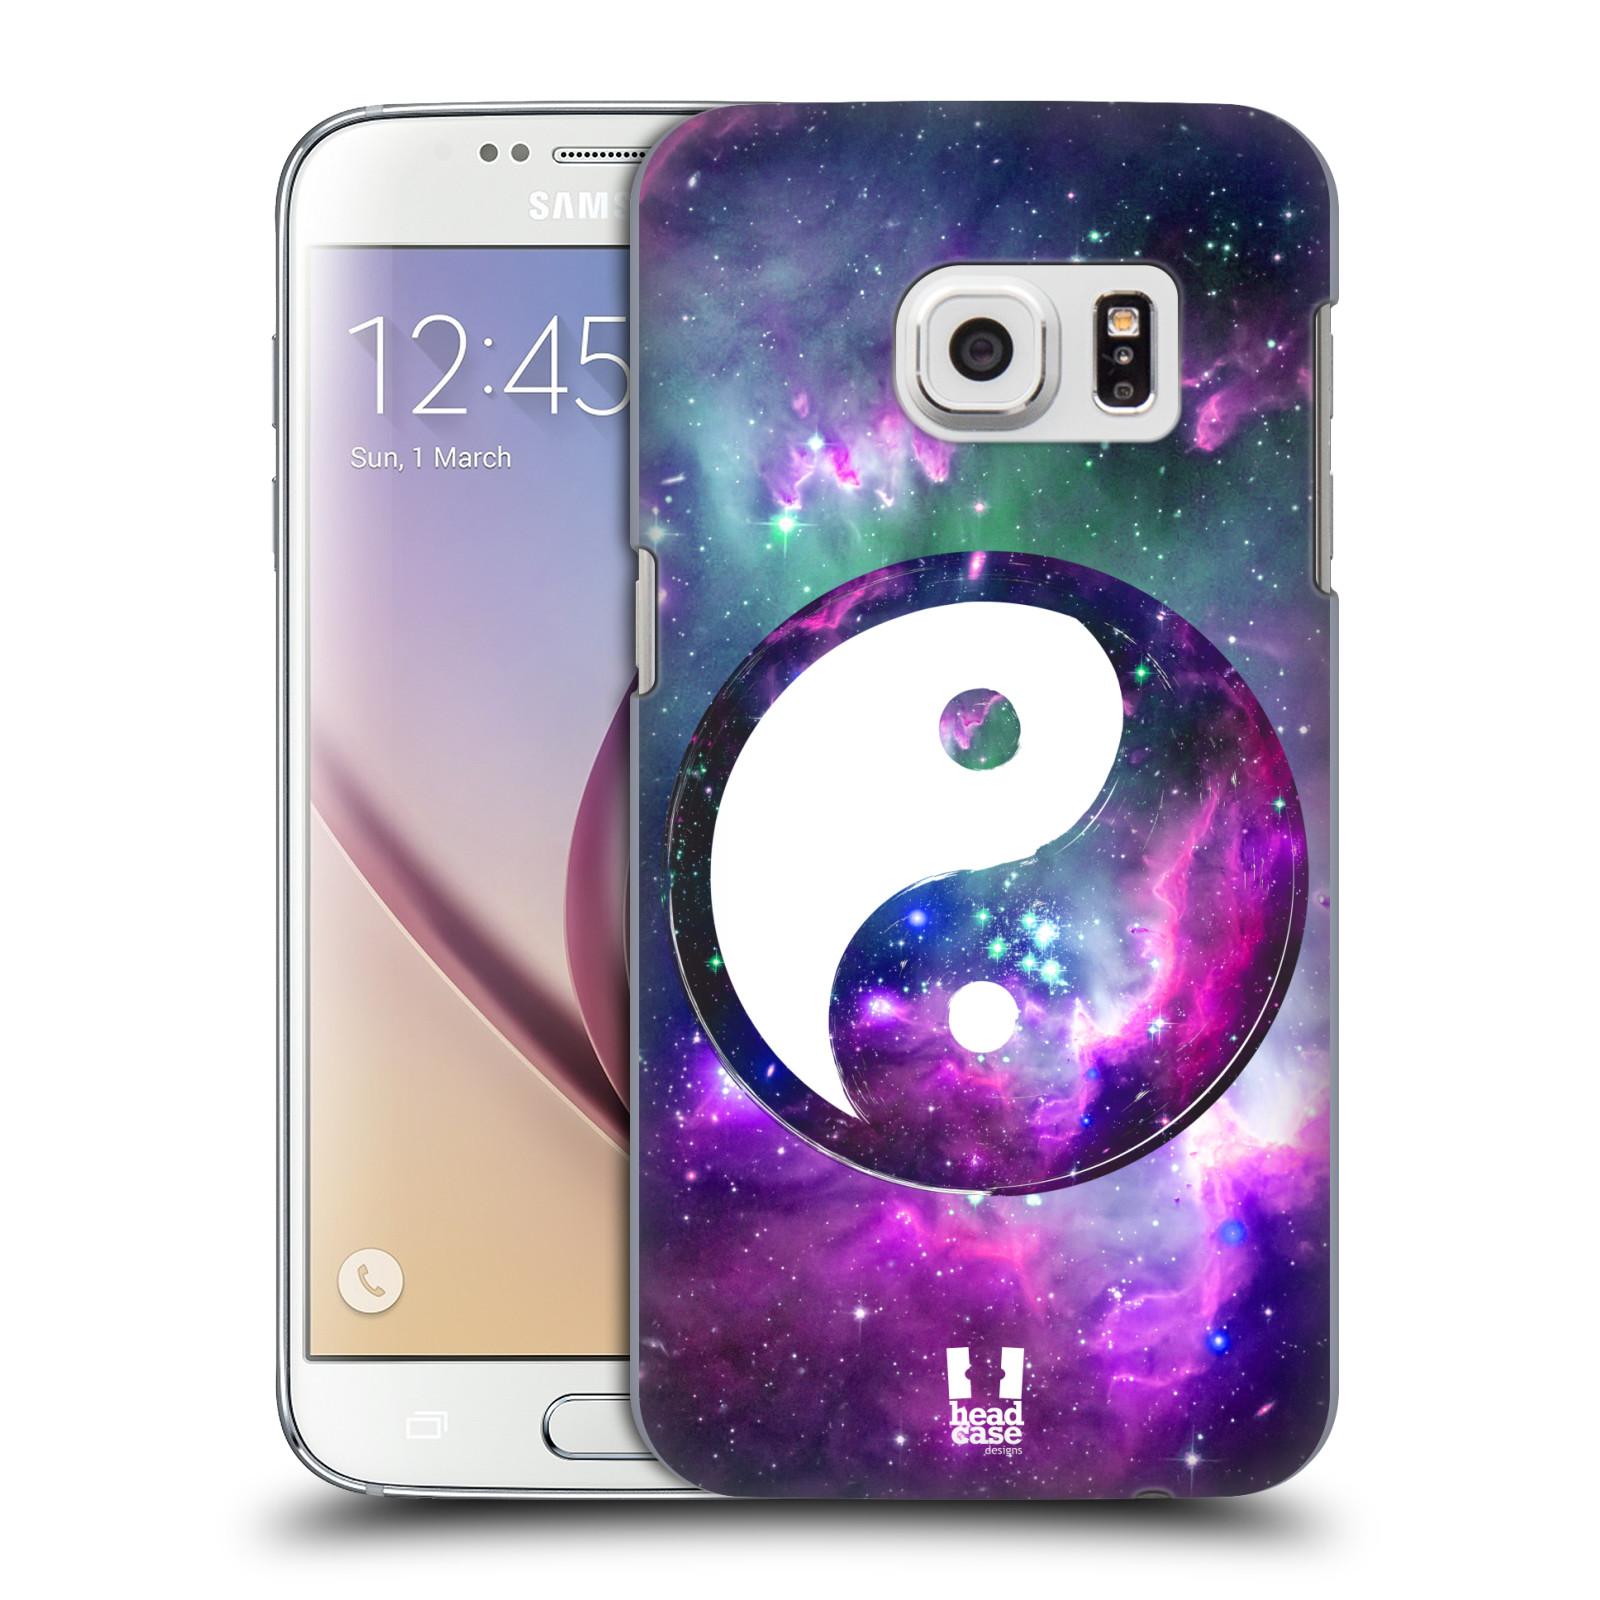 Plastové pouzdro na mobil Samsung Galaxy S7 HEAD CASE Yin a Yang PURPLE (Kryt či obal na mobilní telefon Samsung Galaxy S7 SM-G930F)